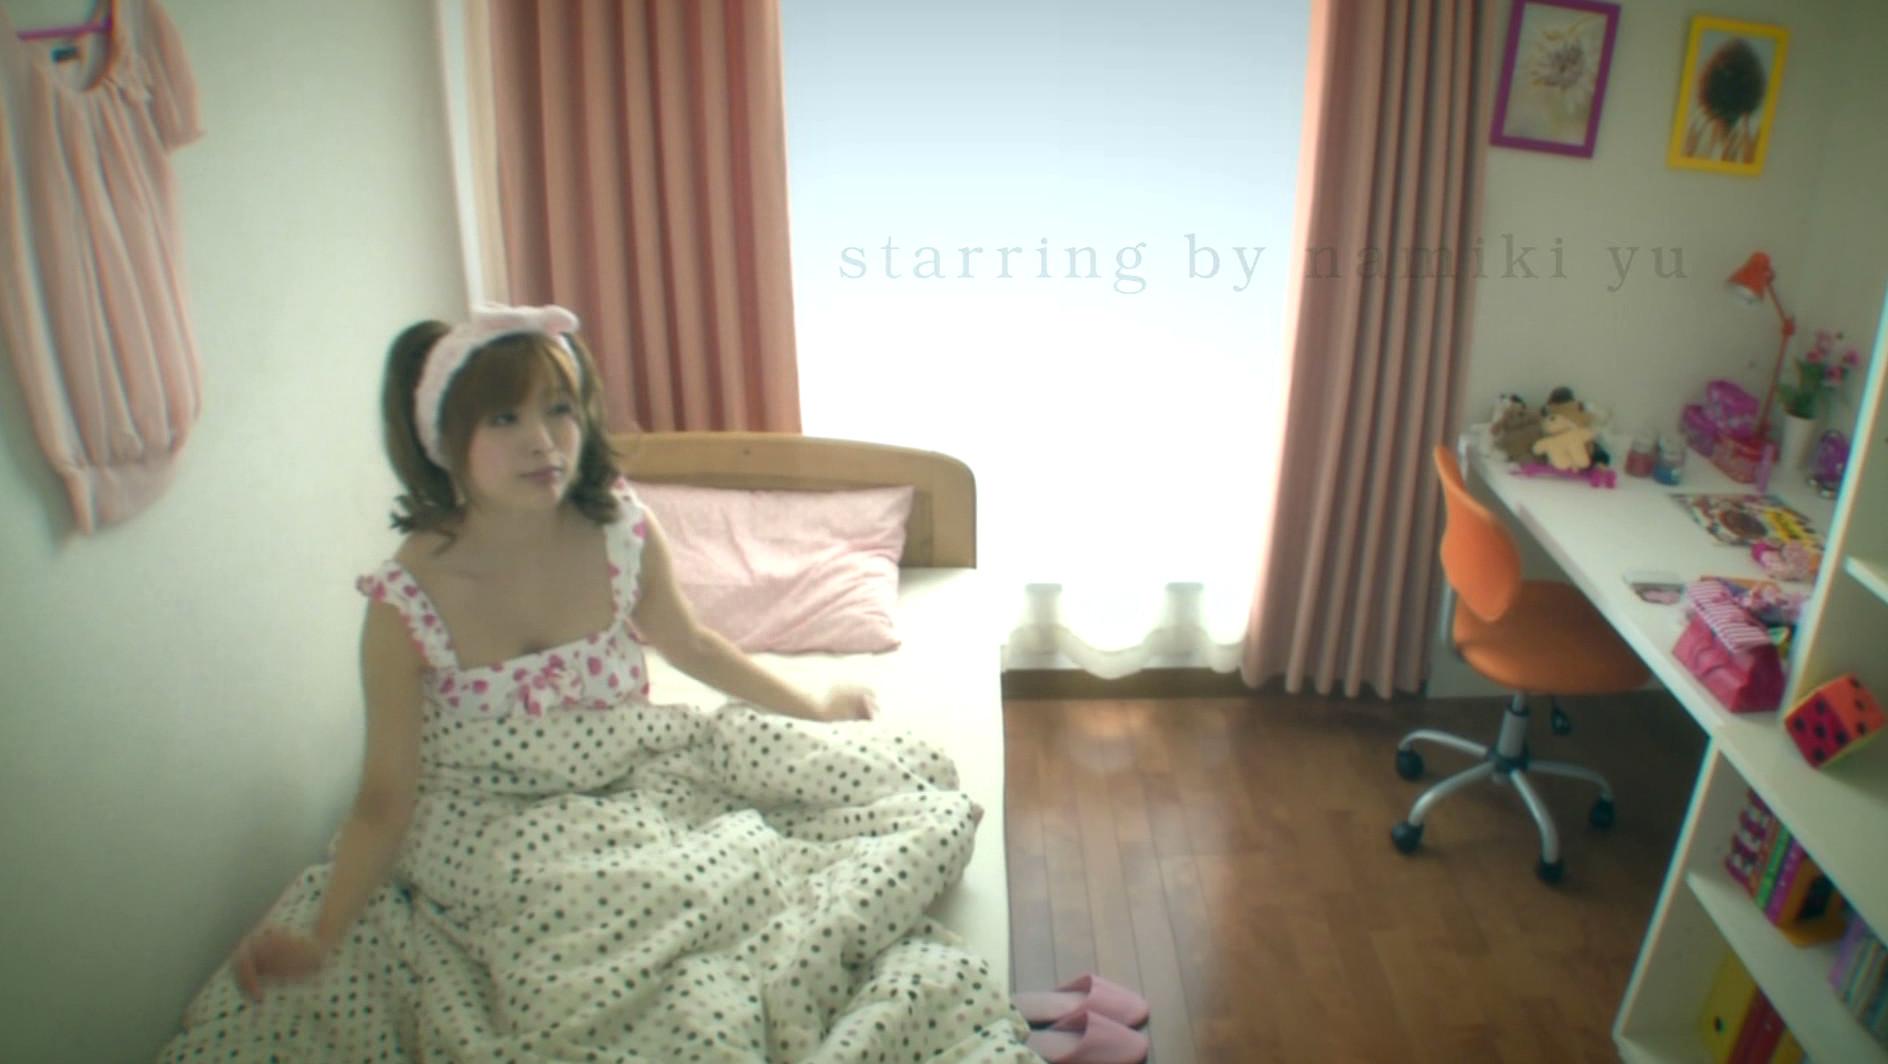 僕のカワイイ妹が寝取られて・・・ 並木優 画像1